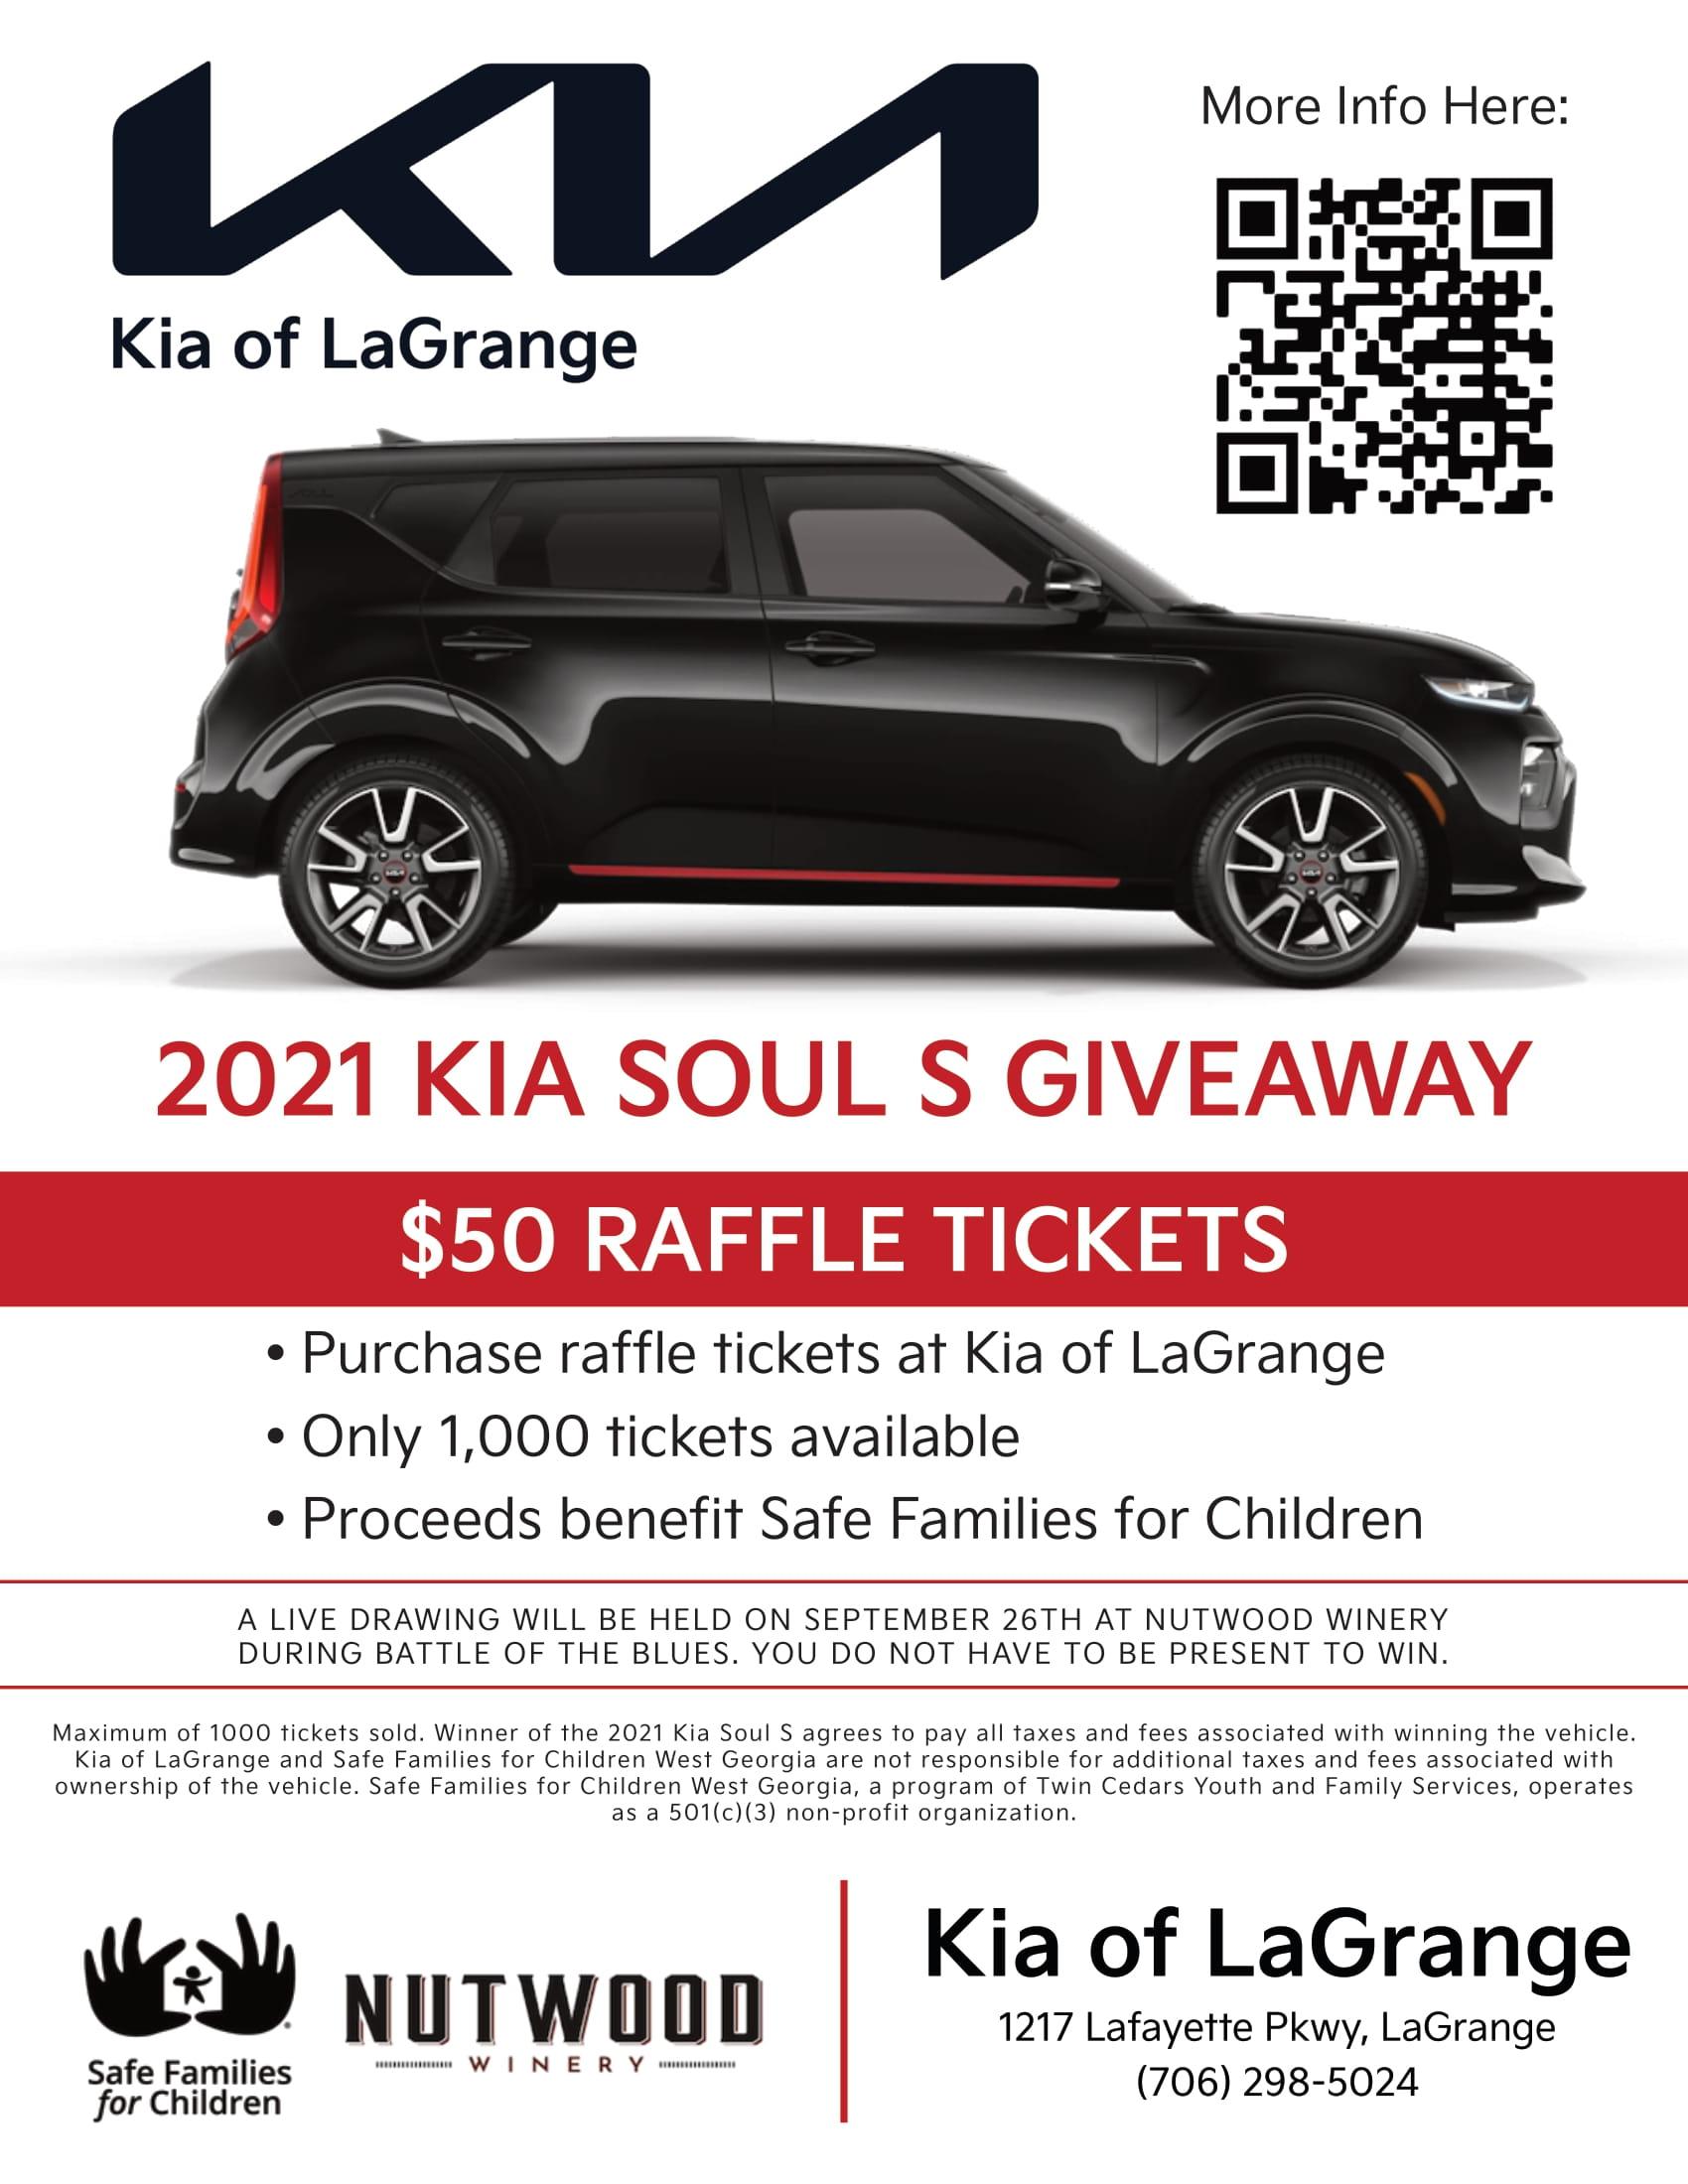 kia soul giveaway flyer